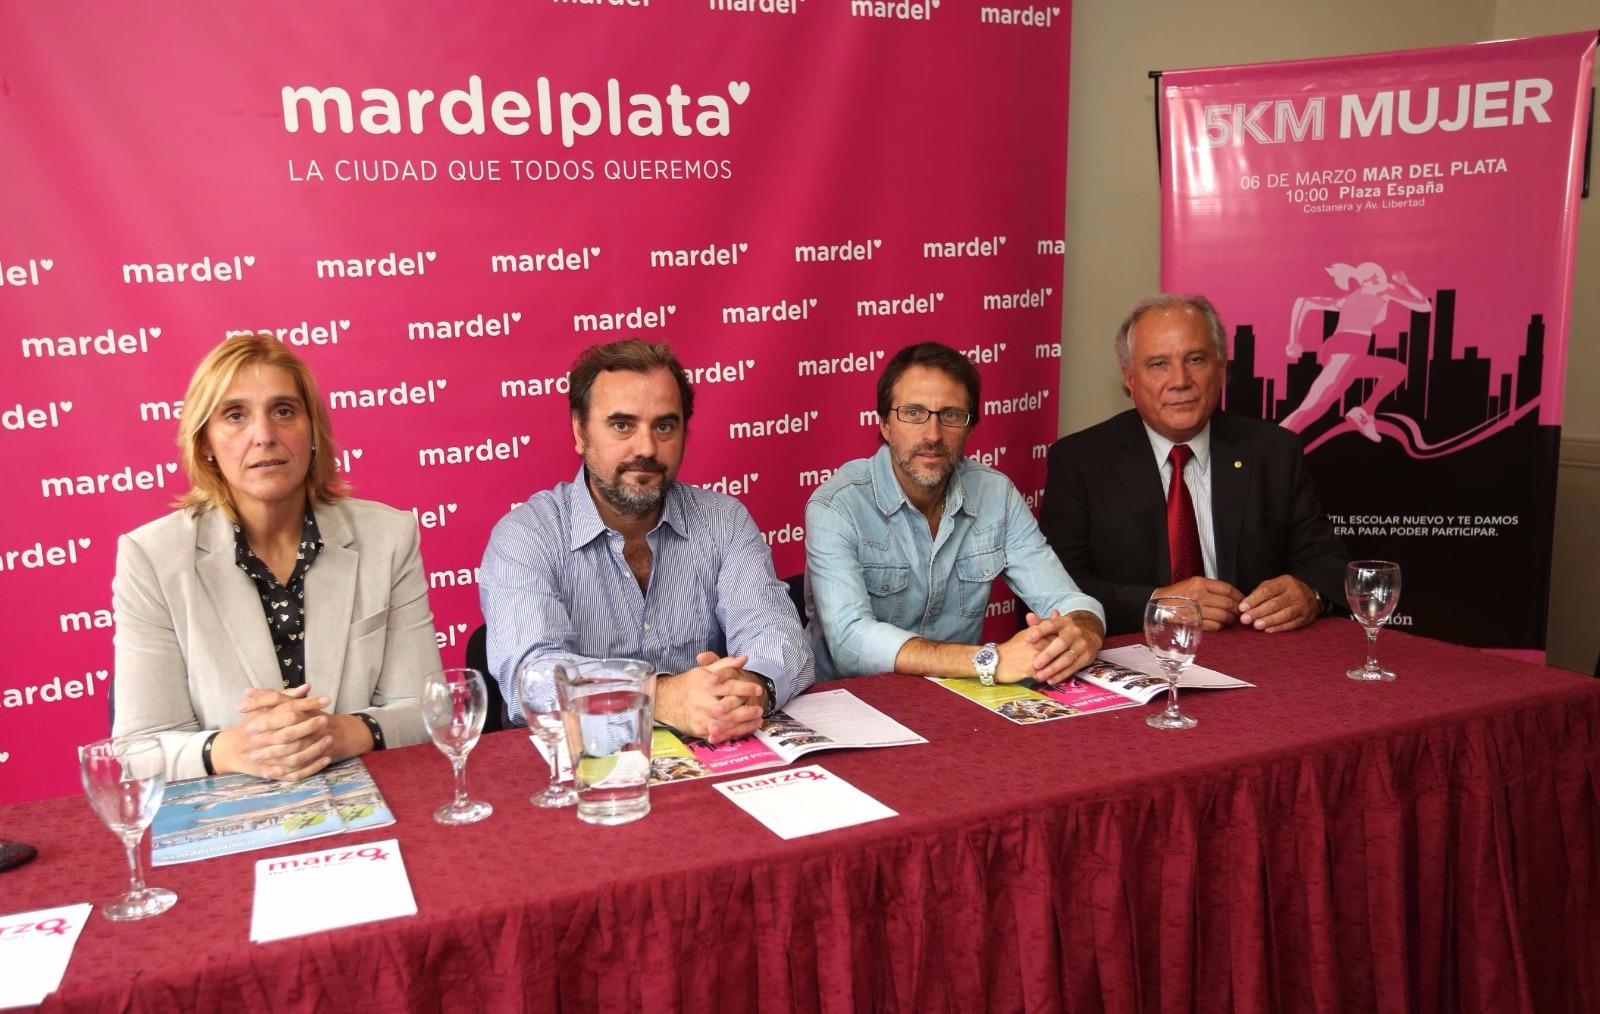 Vilma Baragiola y Emiliano Giri acompañaron en la presentación a Hernán Ibáñez. (Foto: Prensa EMDER)